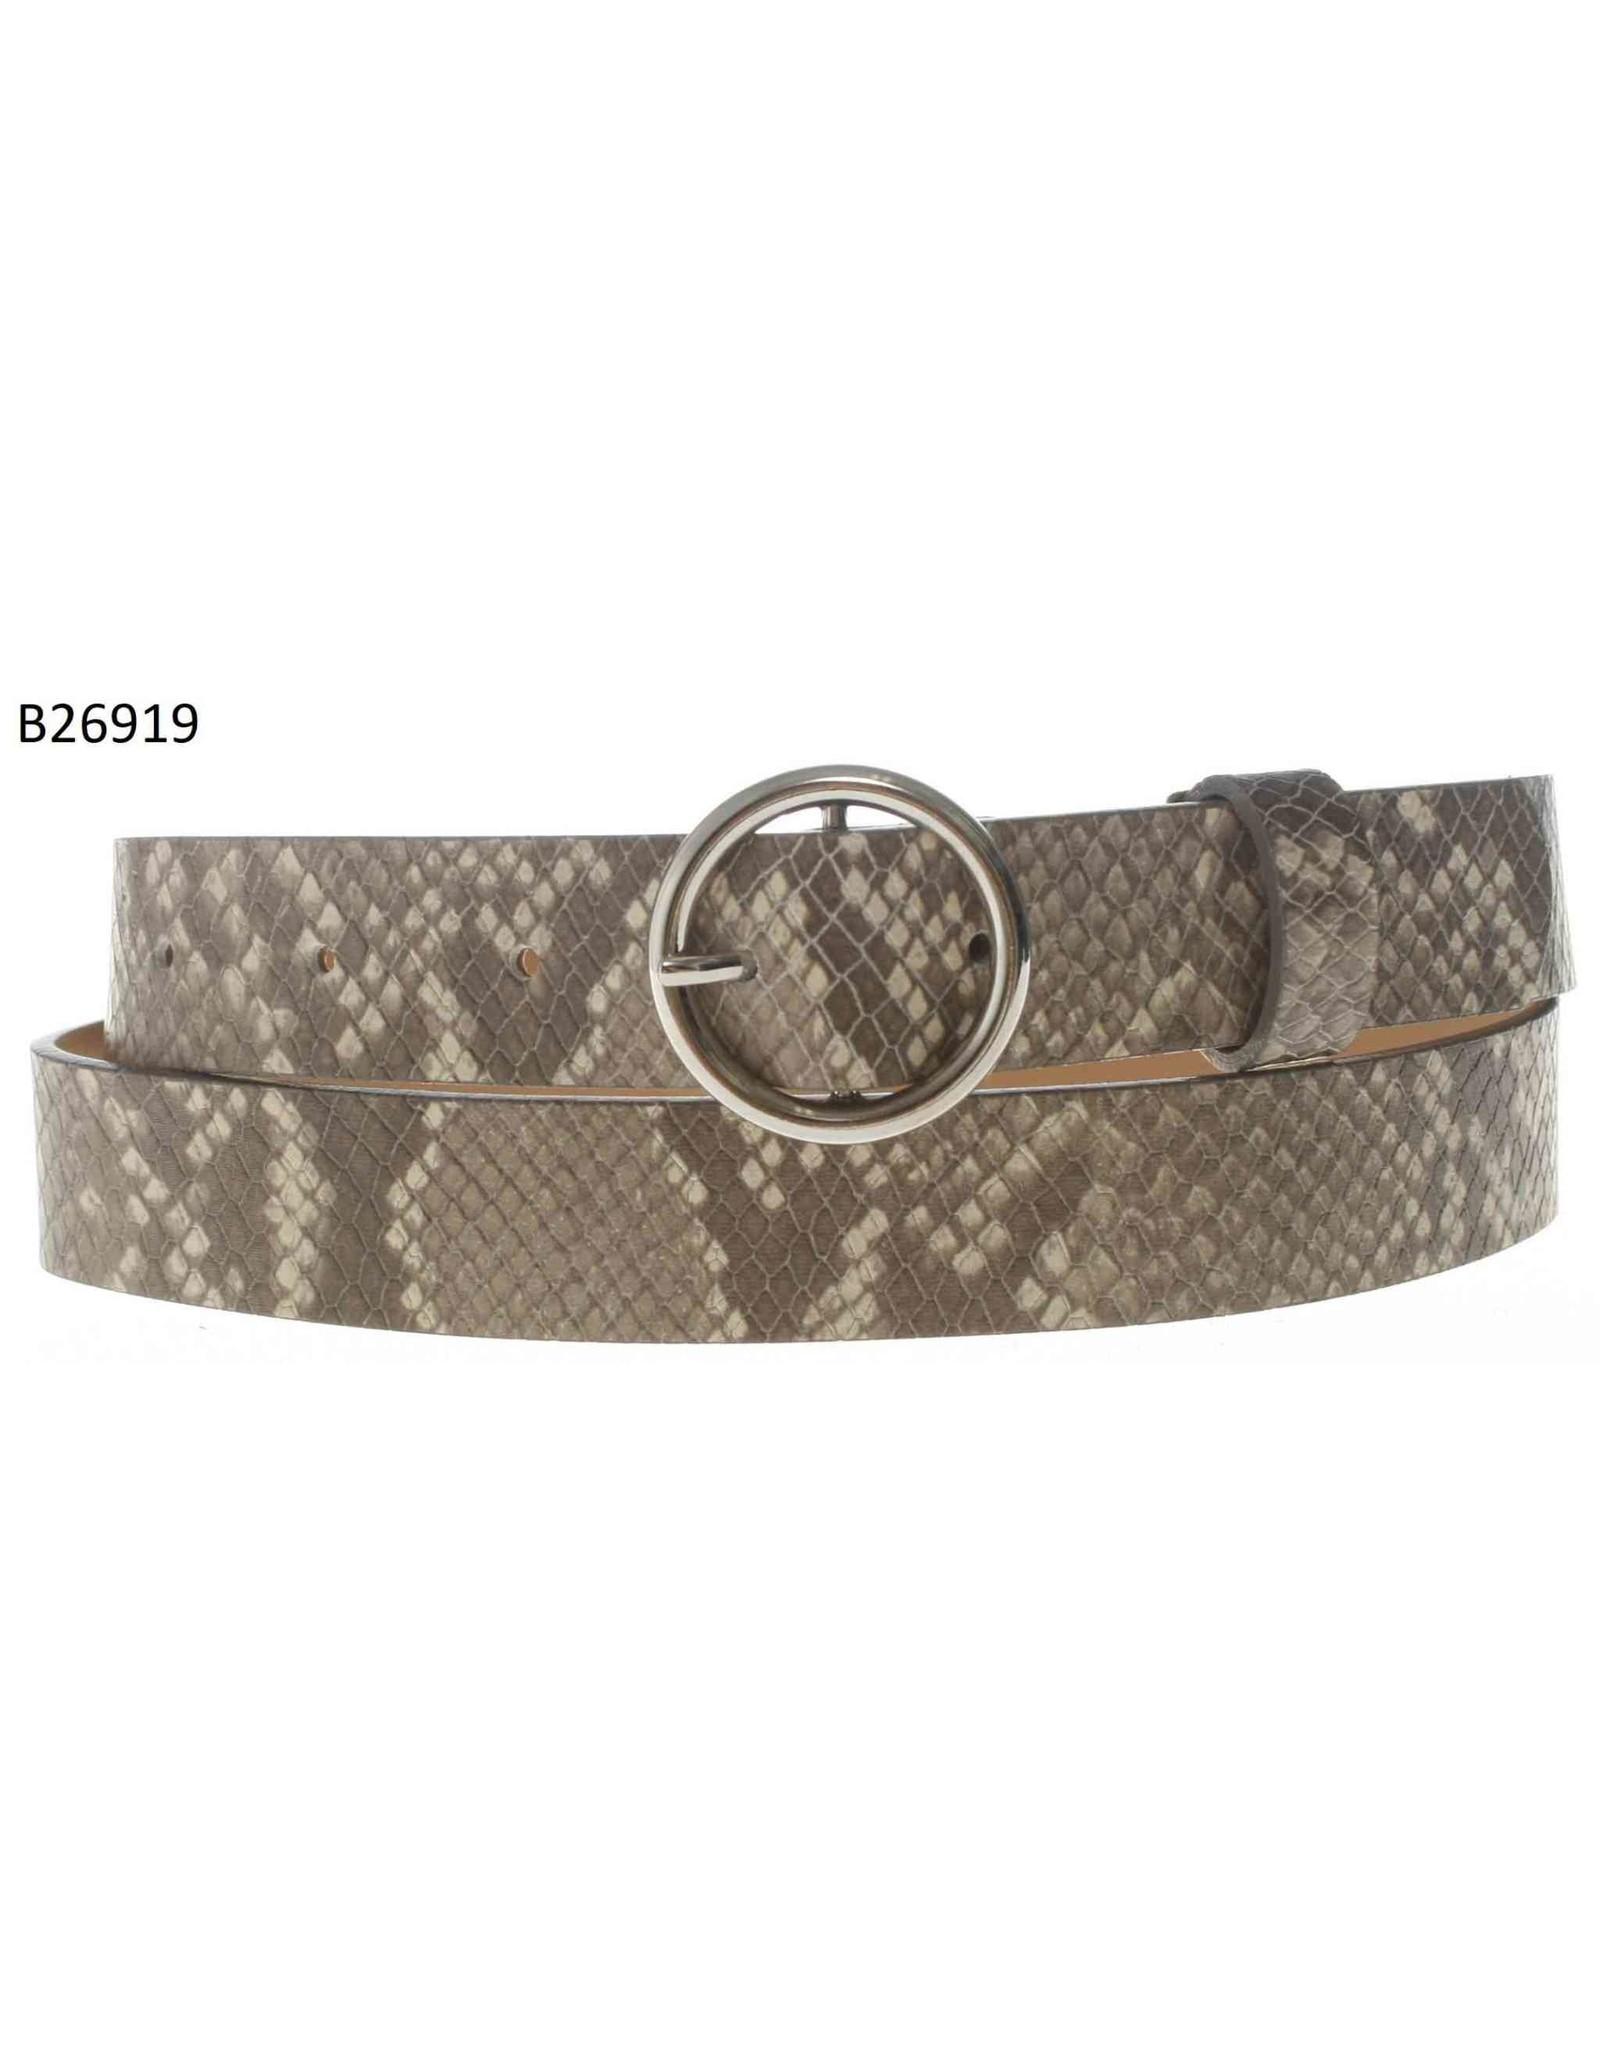 Medike Landes Medike Landes - Cali snake print leather belt